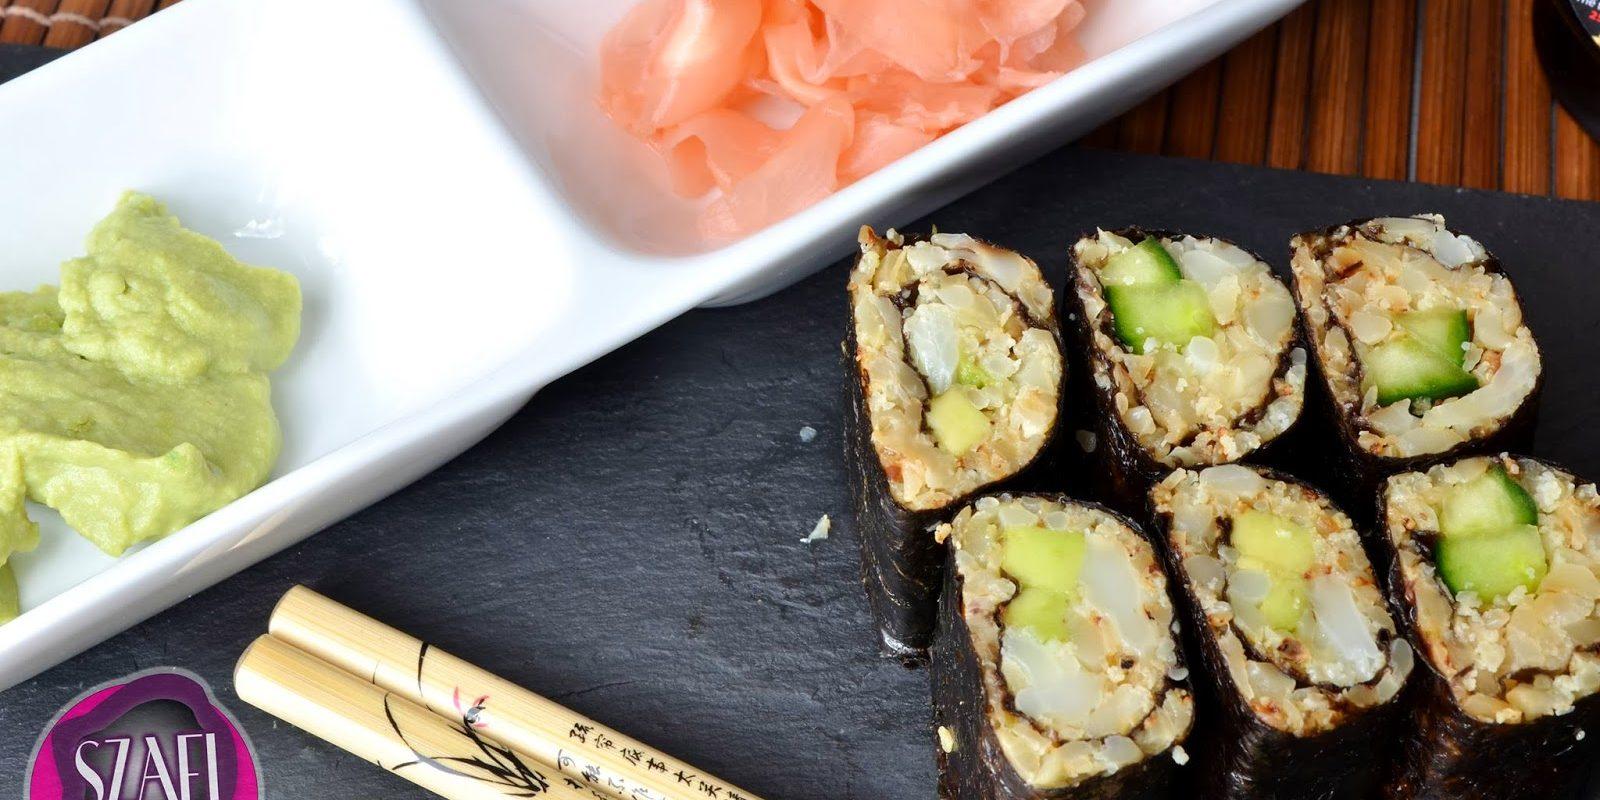 sushi tekercs a fogyáshoz)